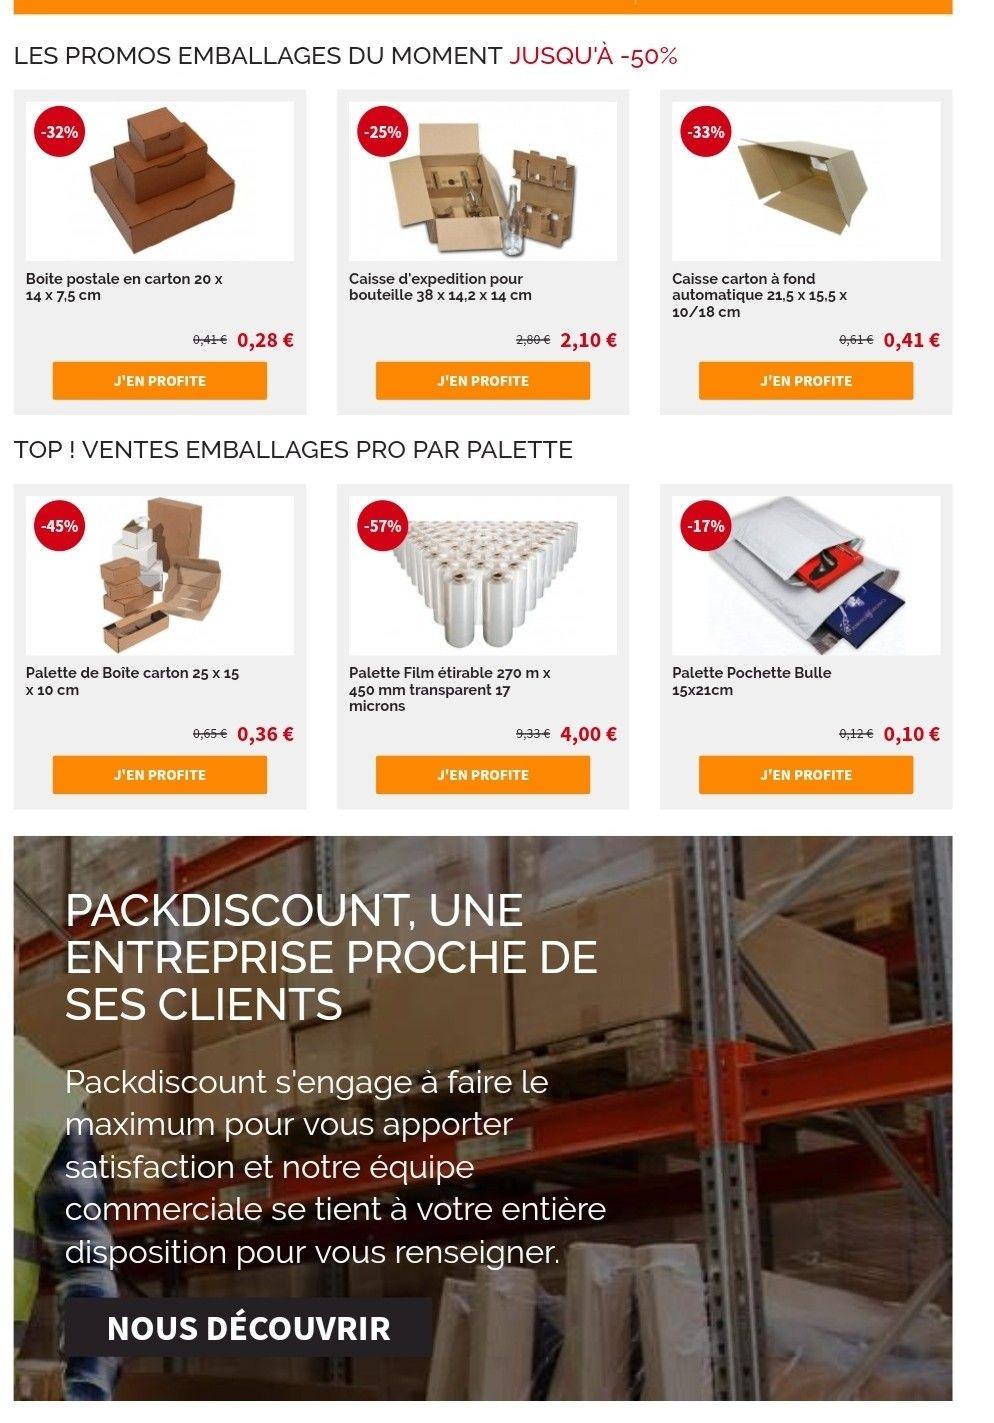 Code Promotion Jusqu A 20 Pour Un Montant Plus De 300 Ht D Achat En Avr 2020 Bon De Reduction Boite Postale Et Promotion